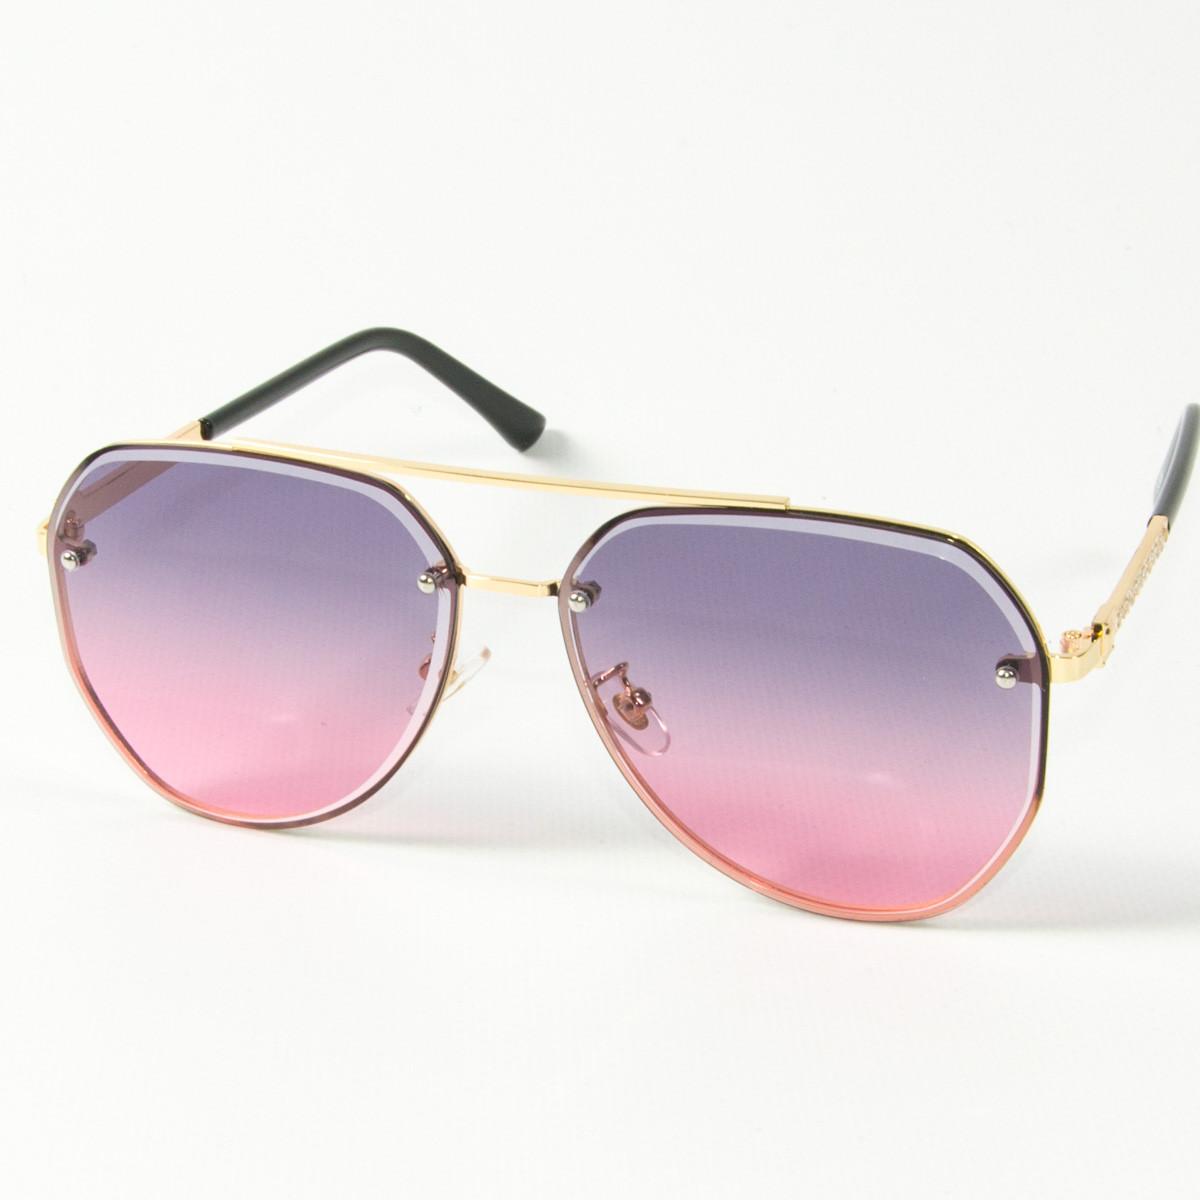 Оптом солнцезащитные очки авиаторы (арт. 3-2489/3) розово-голубые